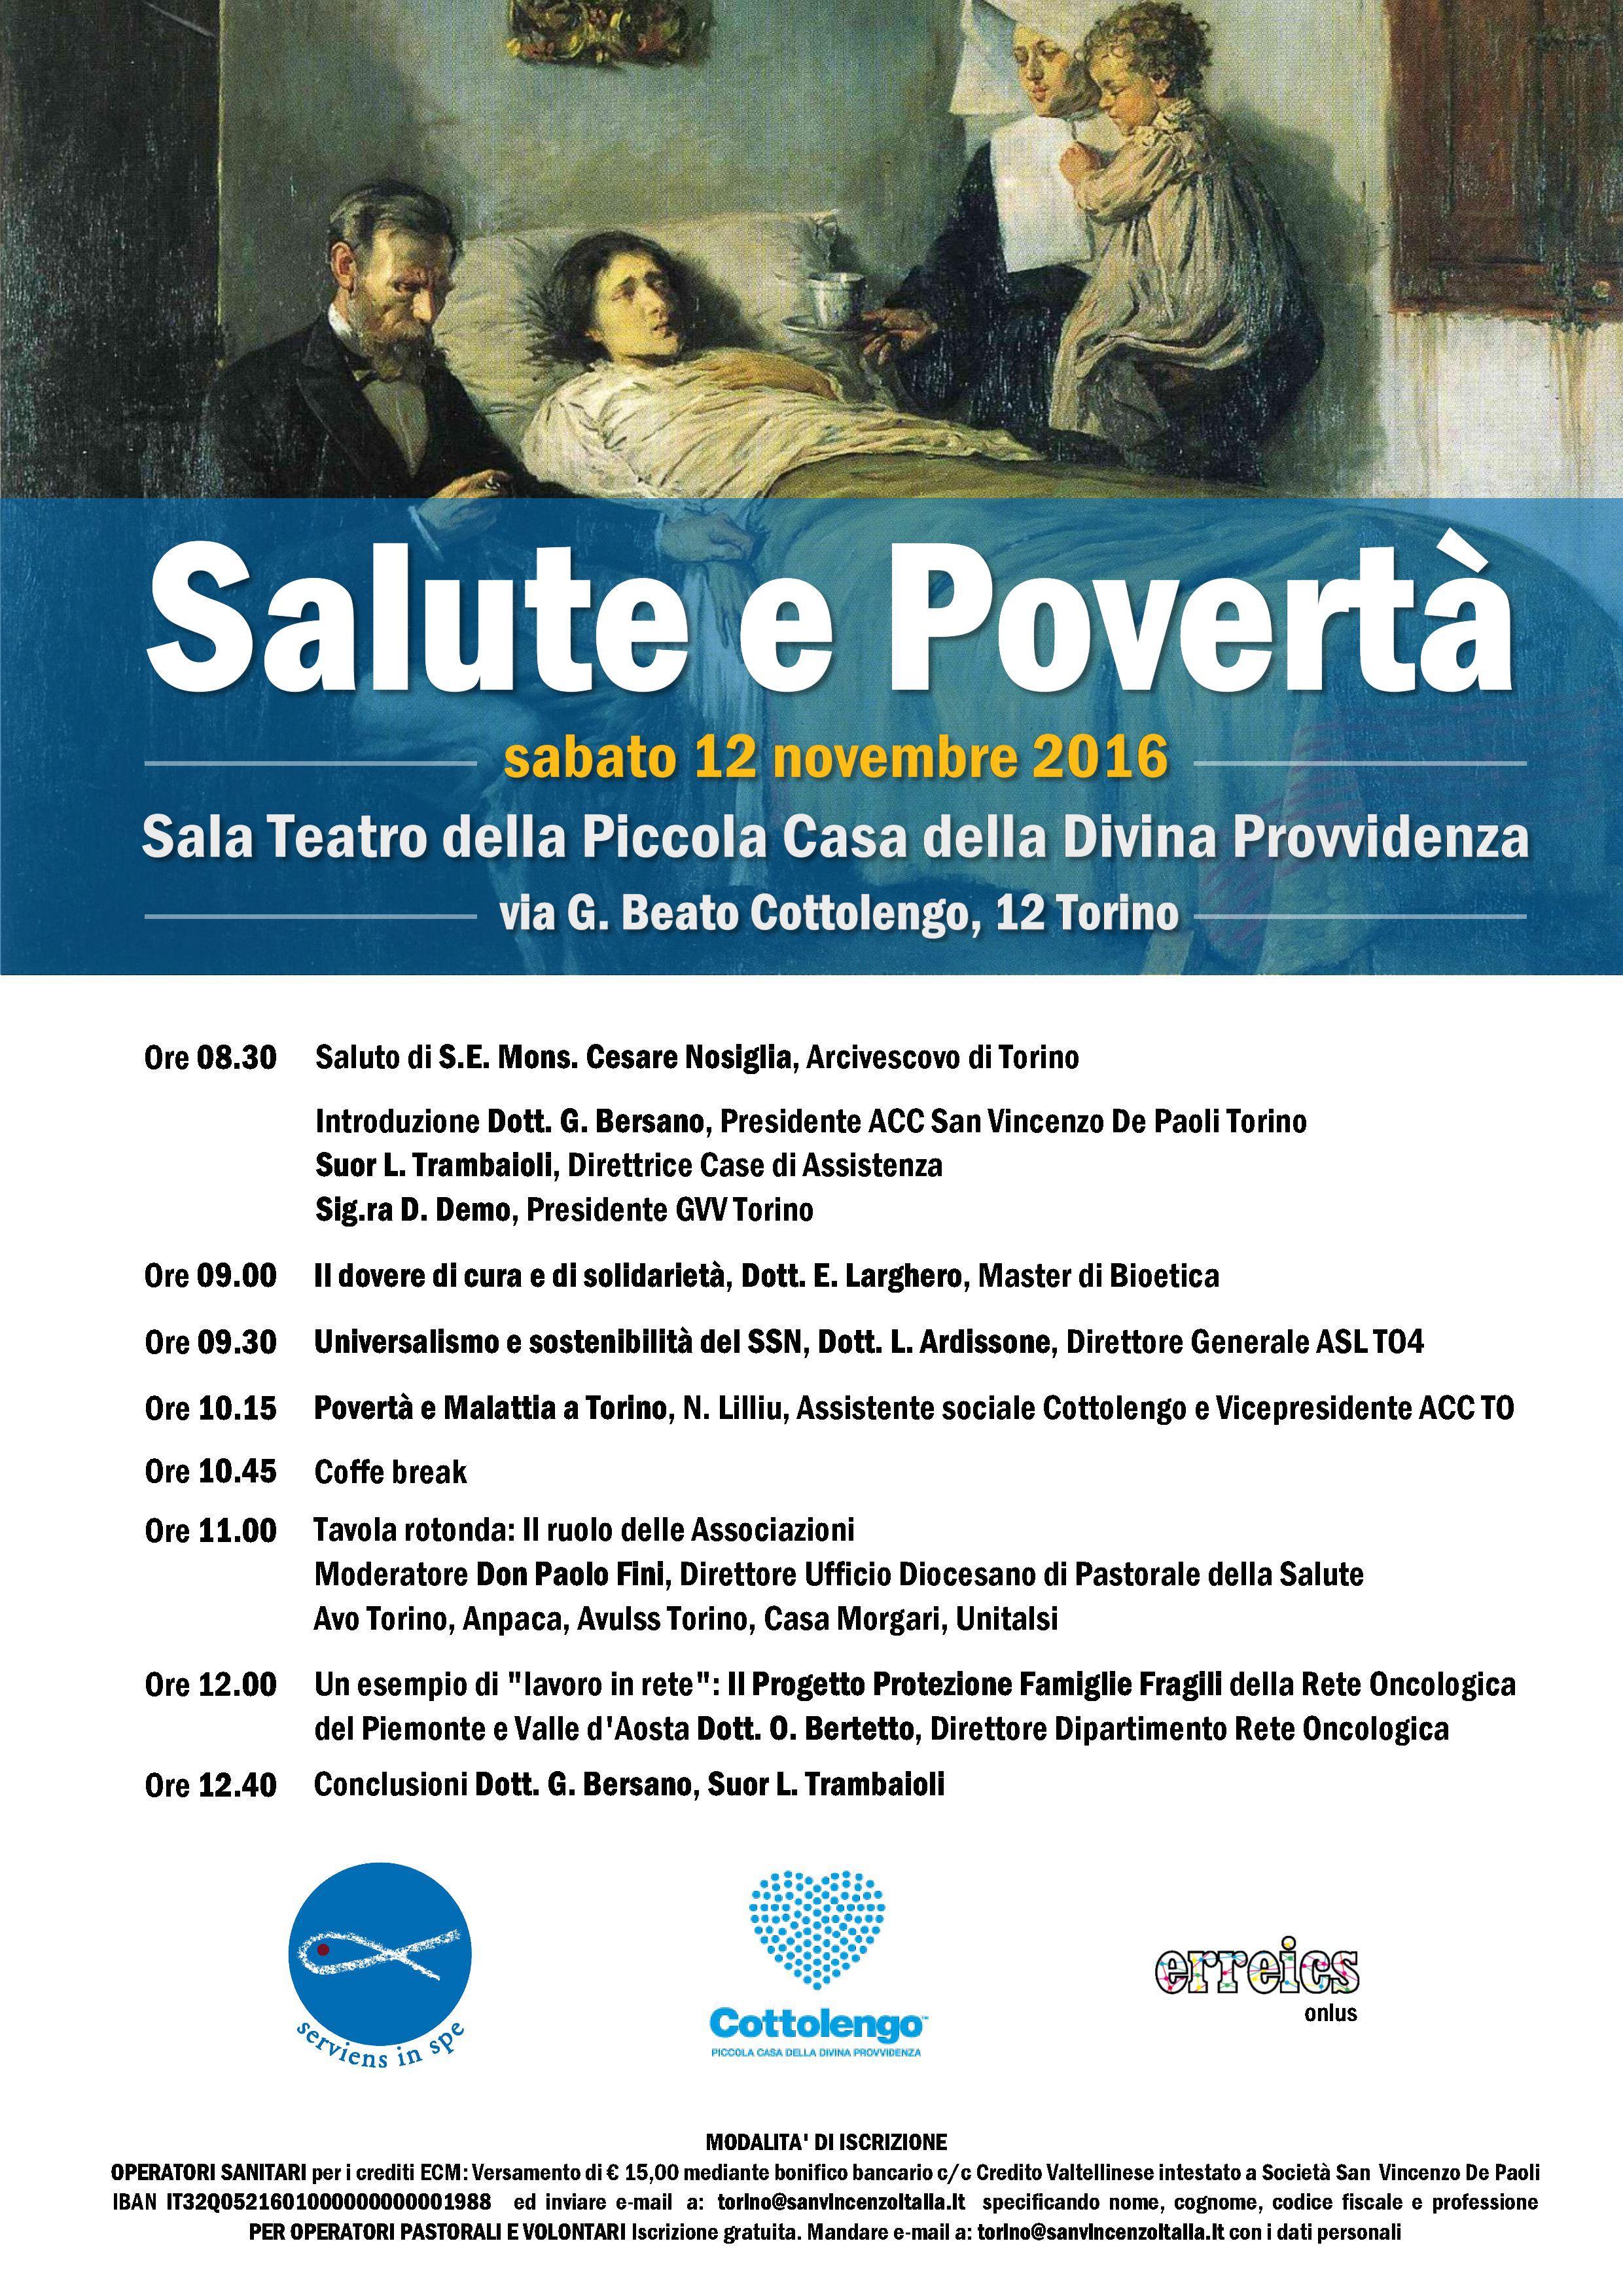 Salute e povertà: il 12 novembre il Convegno delle Conferenze di San Vincenzo De Paoli